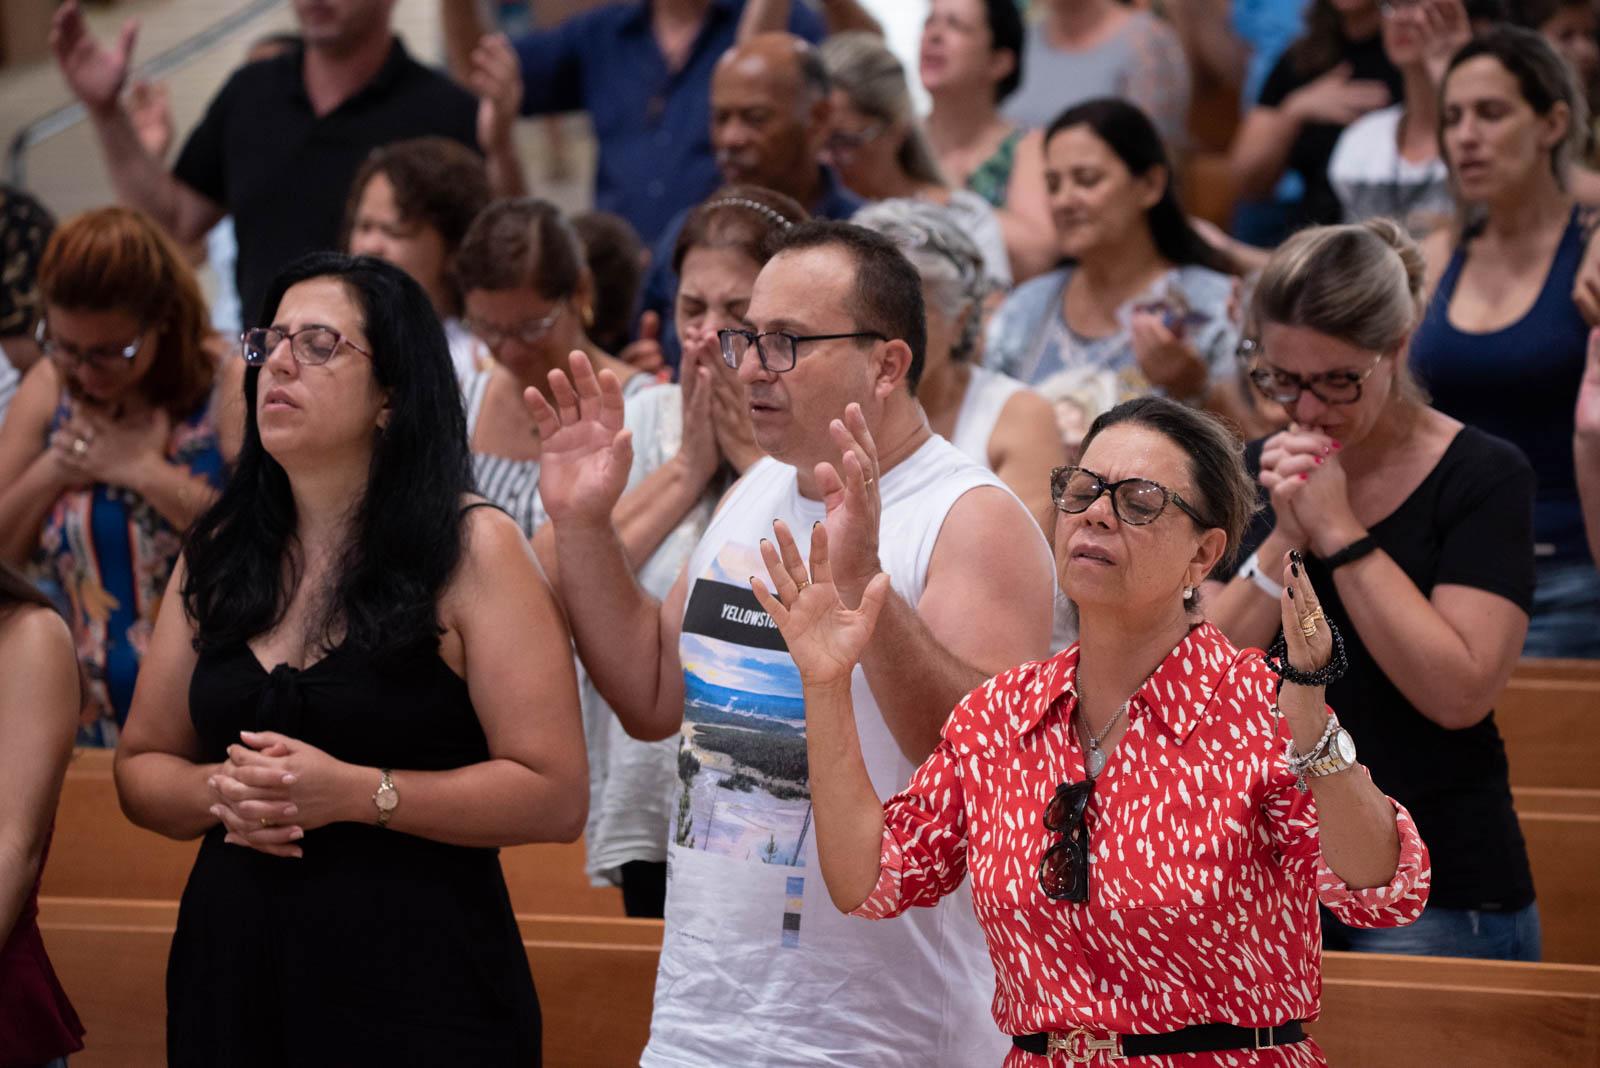 Peregrinos participam da Quinta-Feira de adoração no santuário. Foto: Bruno Marques/cancaonova.com